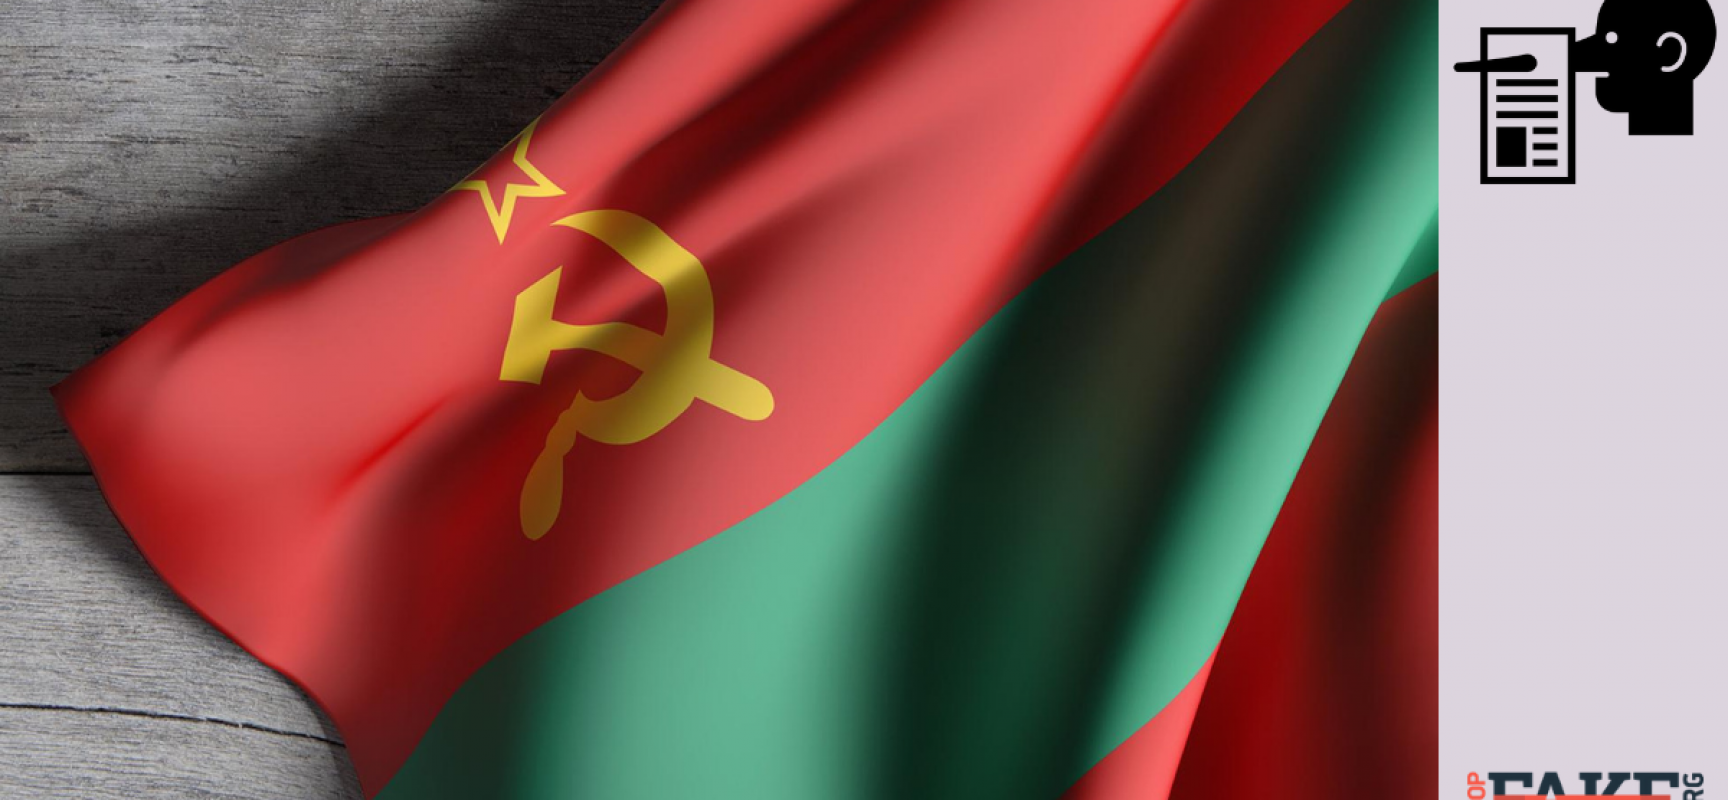 Falso: Moldova rechazó la región de Transnistria para complacer a la OTAN